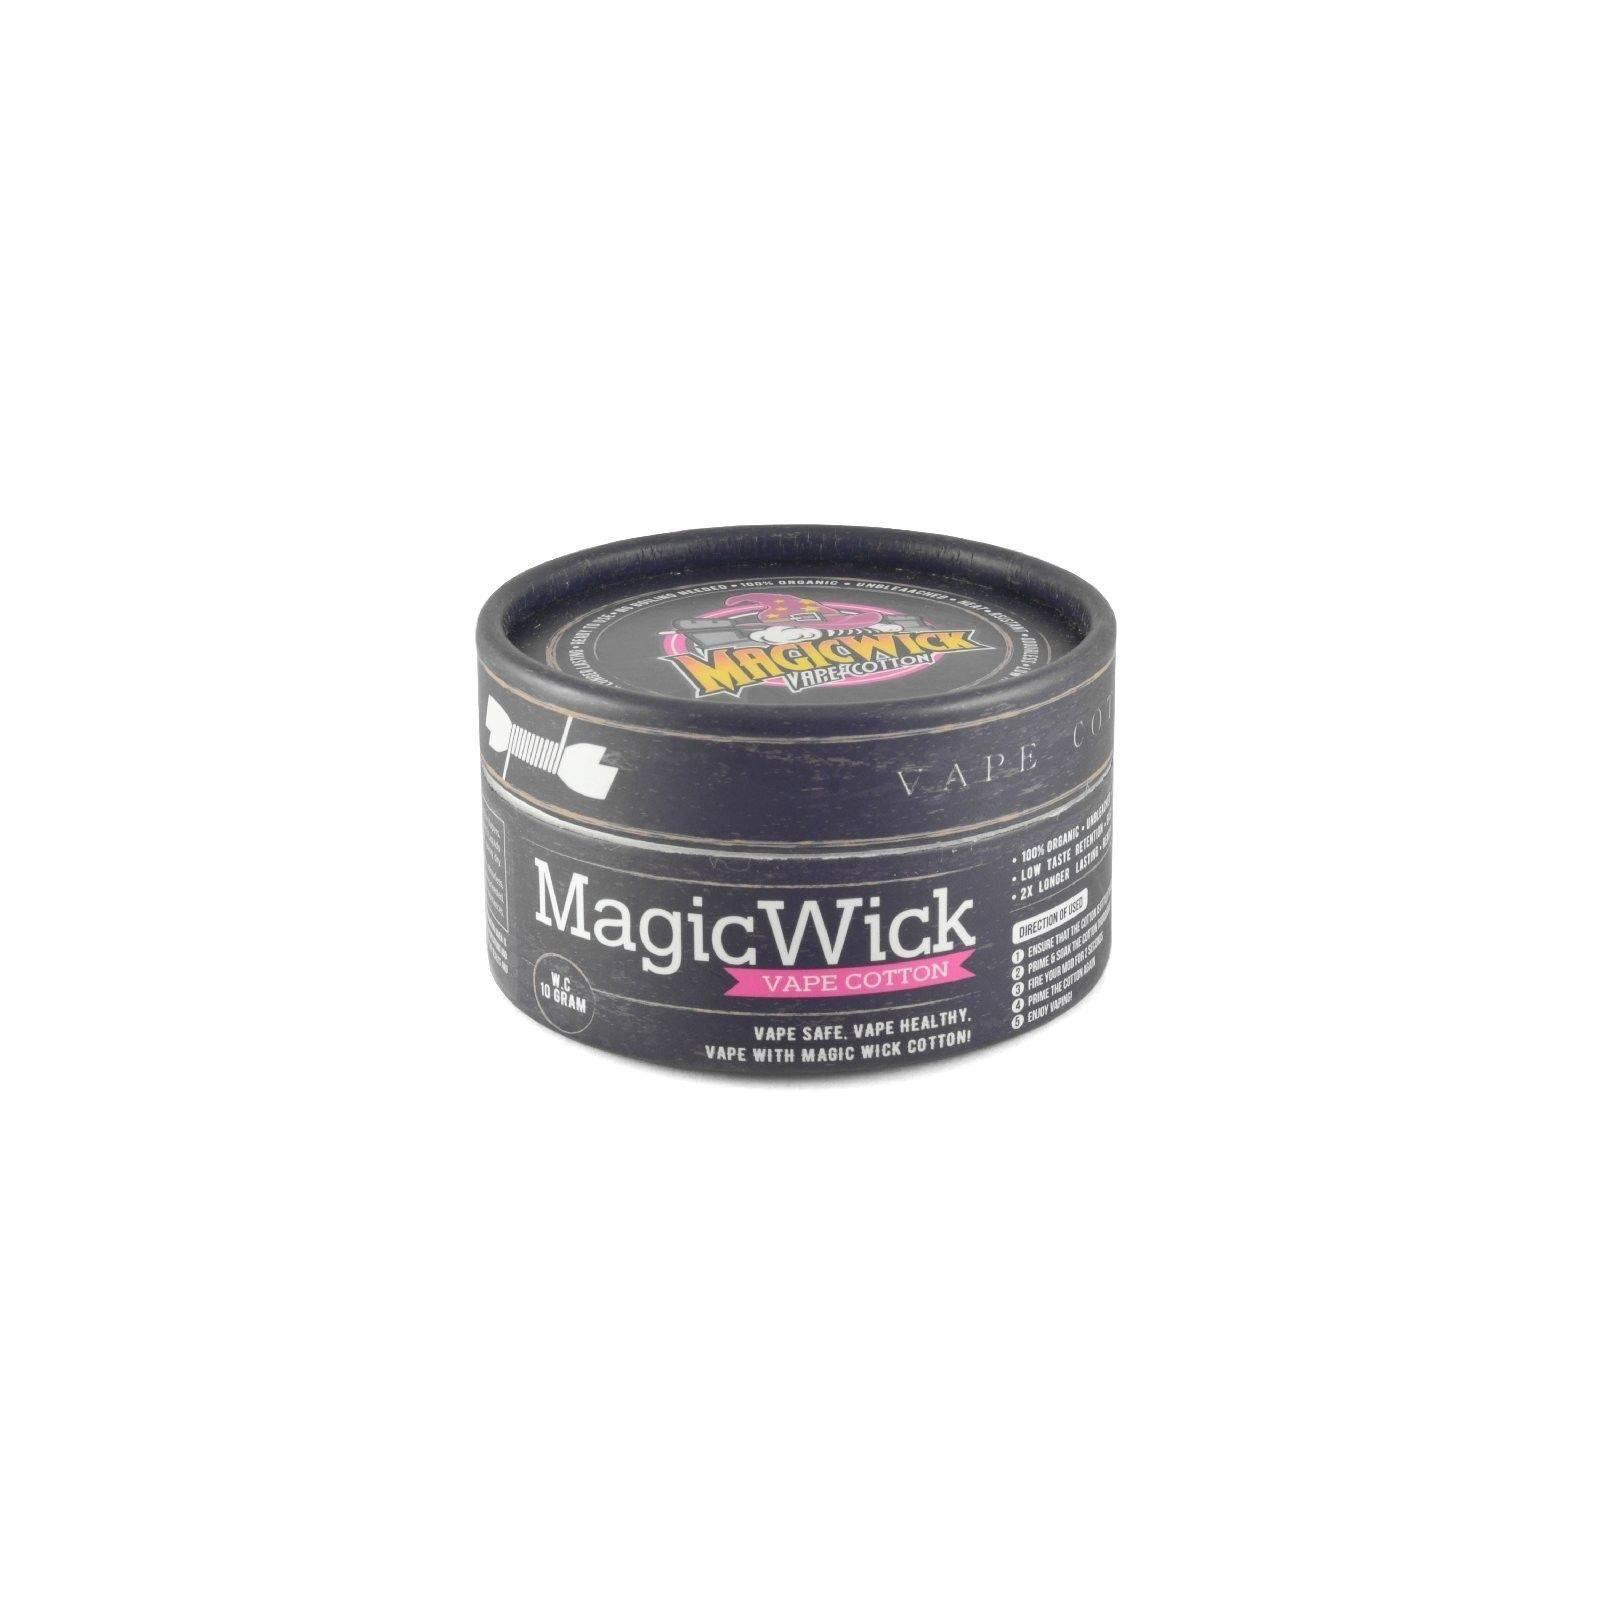 MagicWick Vape Cotton -